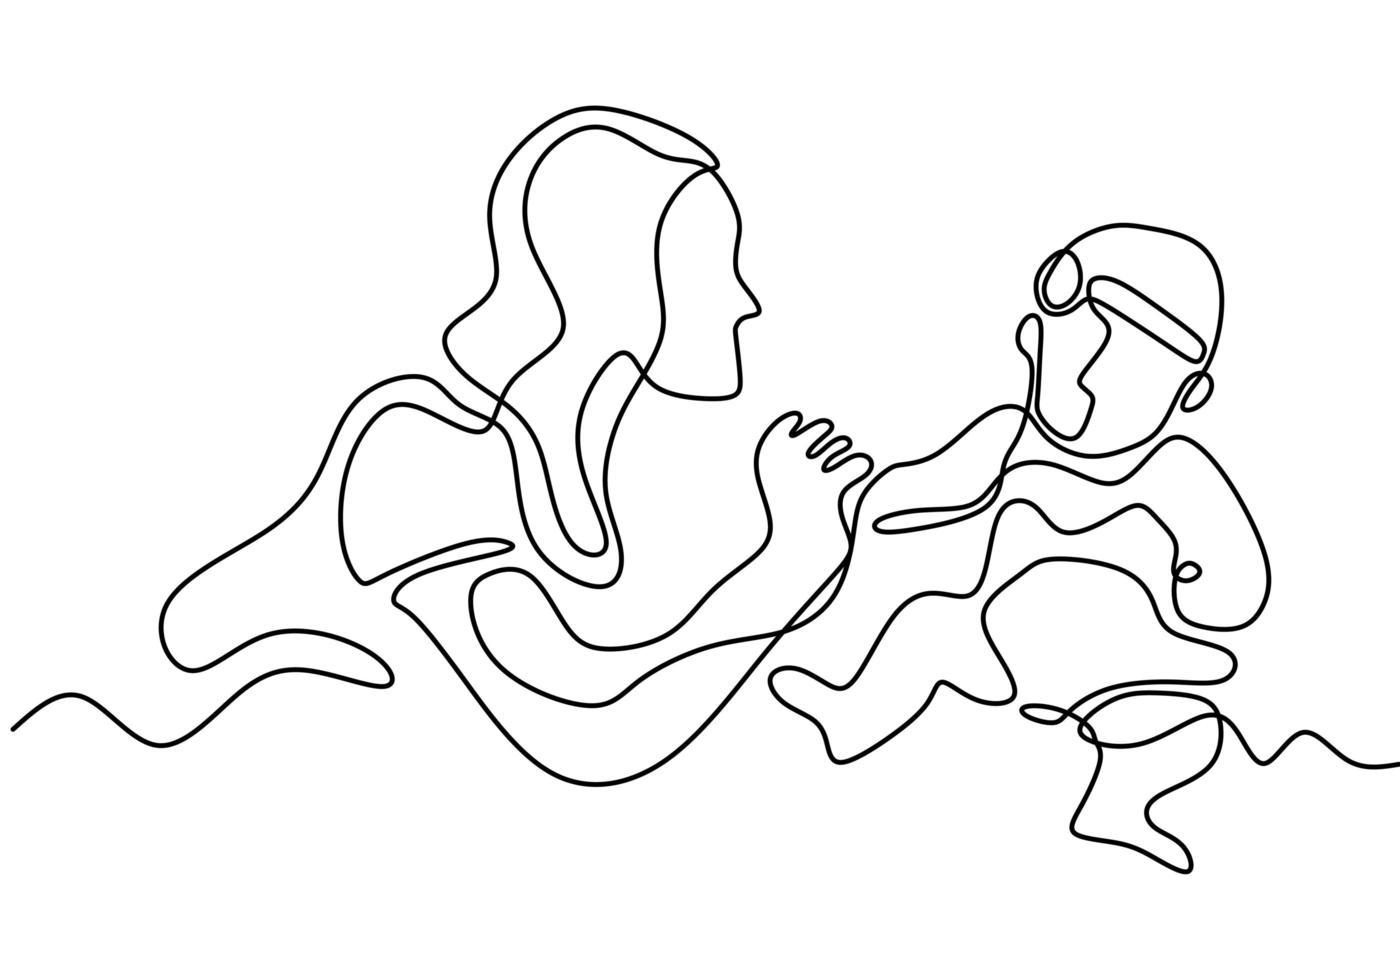 feliz Dia das Mães. desenho de uma linha contínua. mulher segura o bebê dela. dando a mão para a criança. vetor